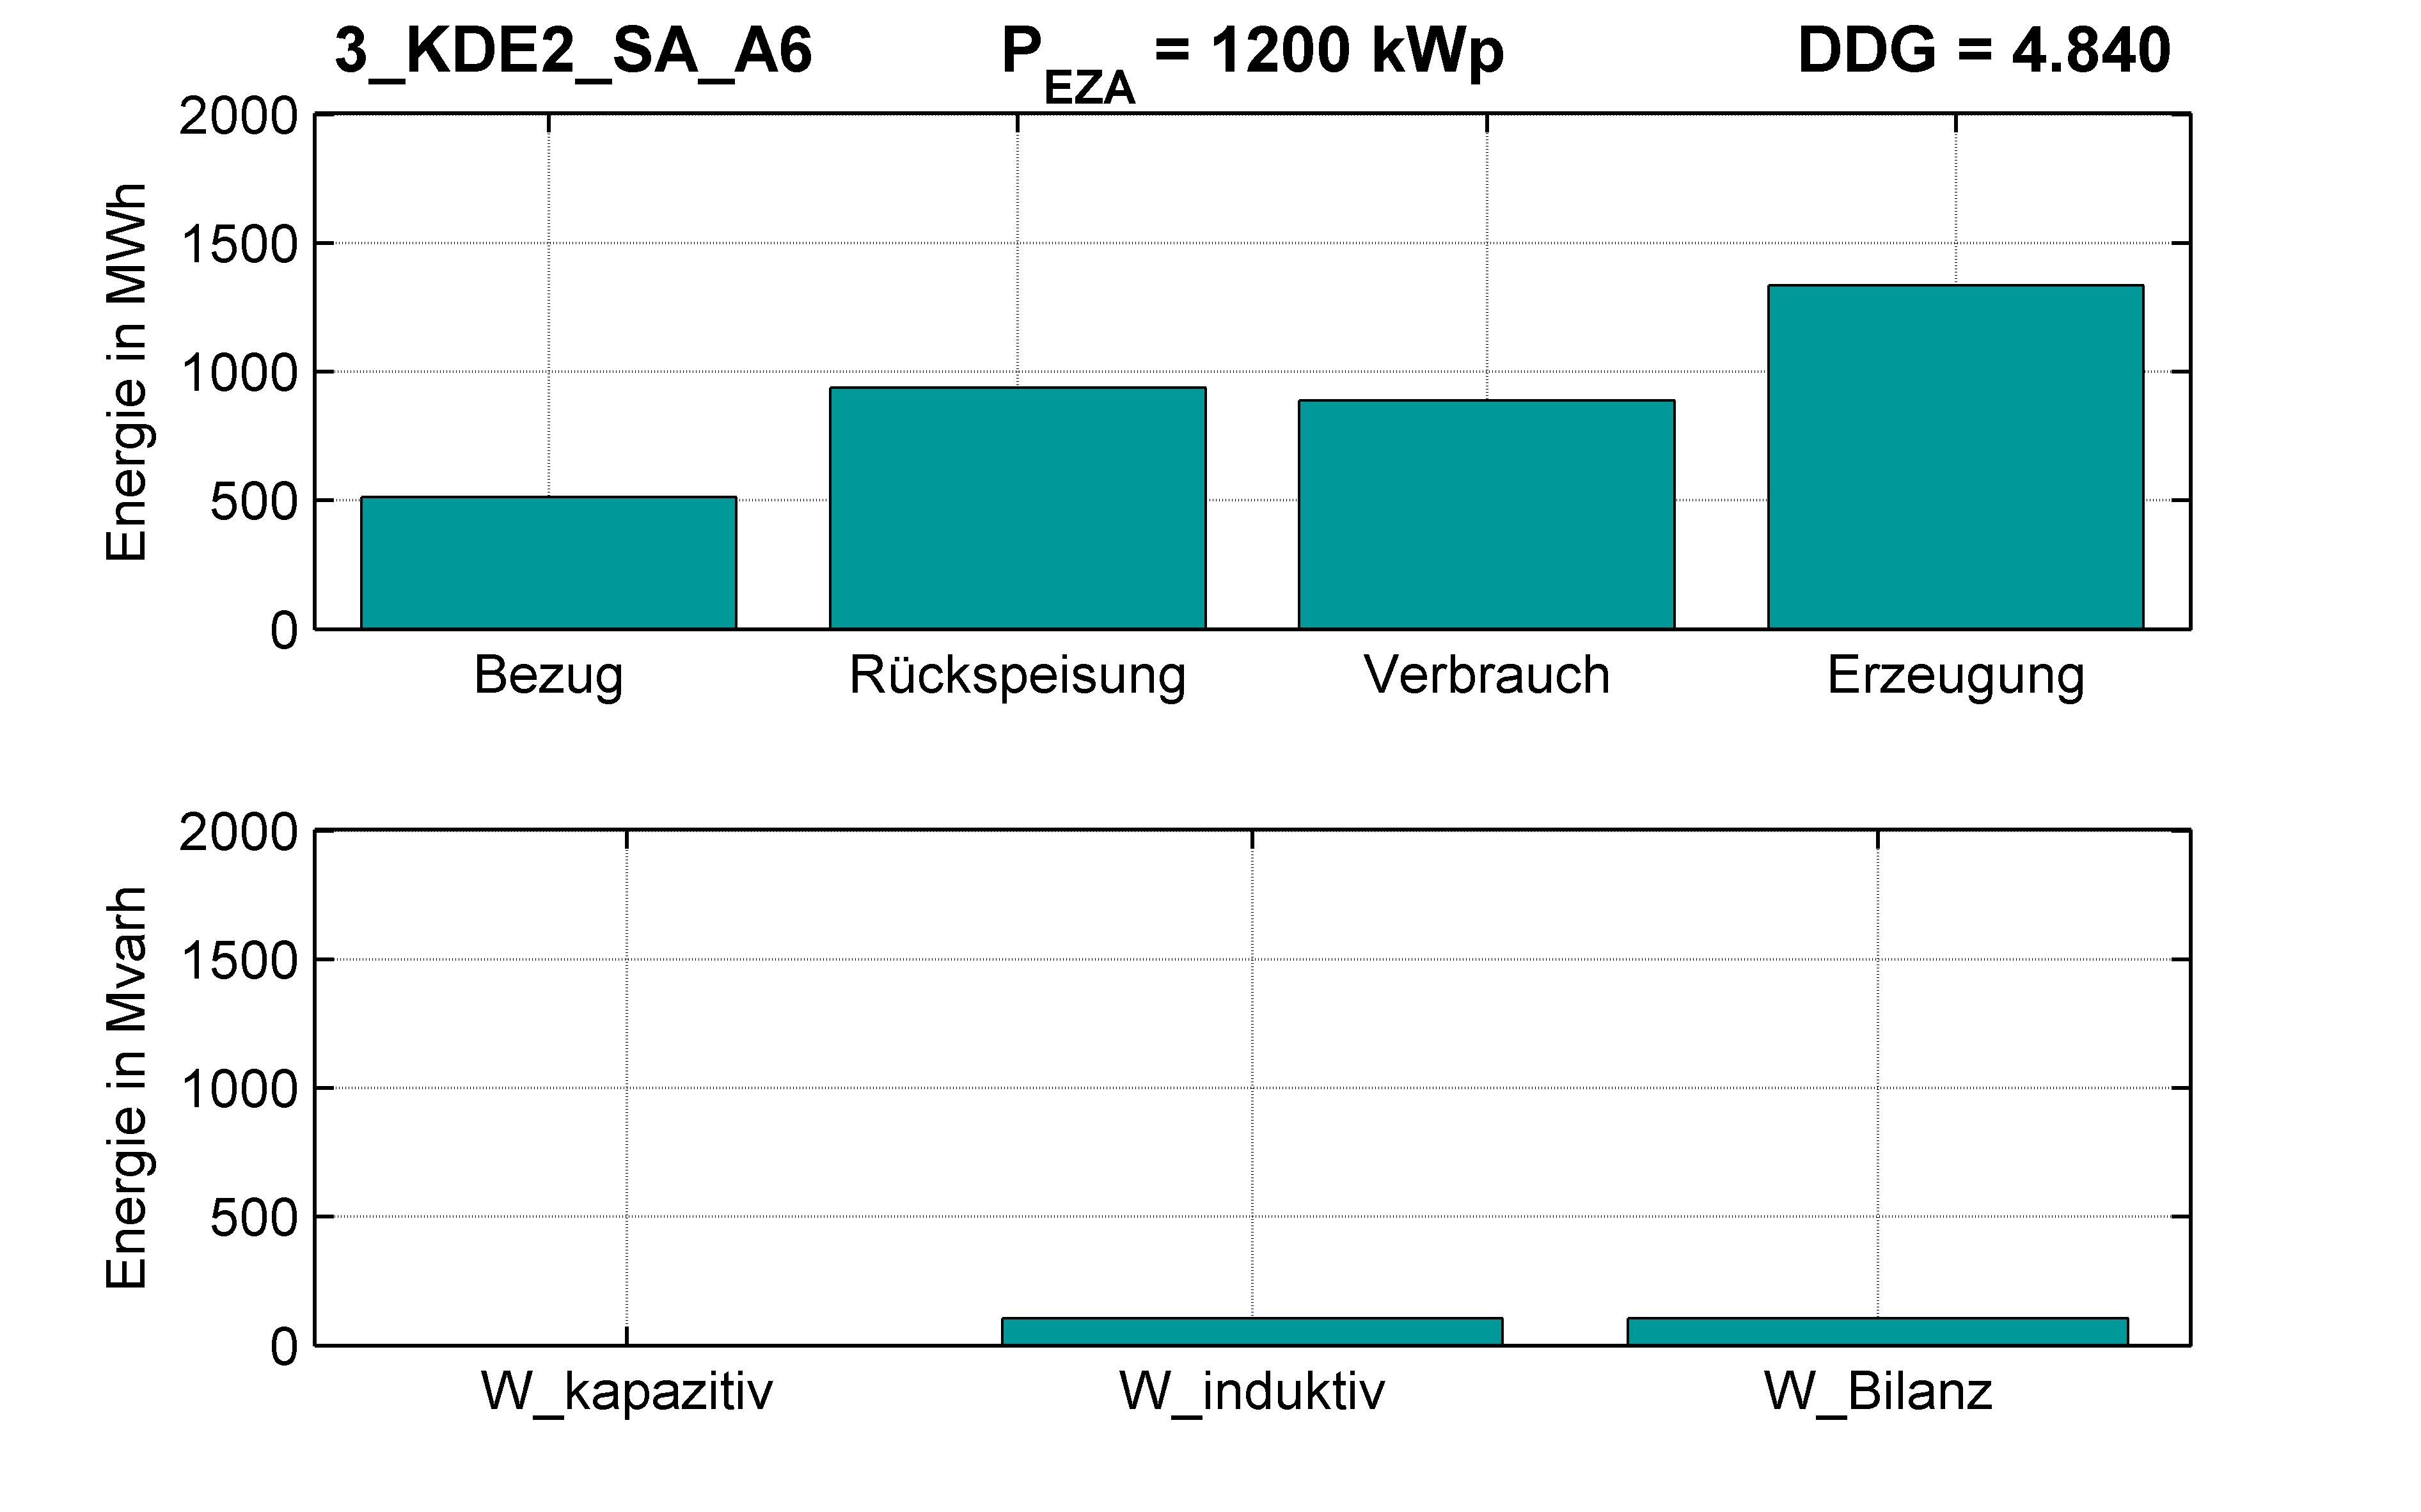 KDE2 | P-Kappung 70% (SA) A6 | PQ-Bilanz